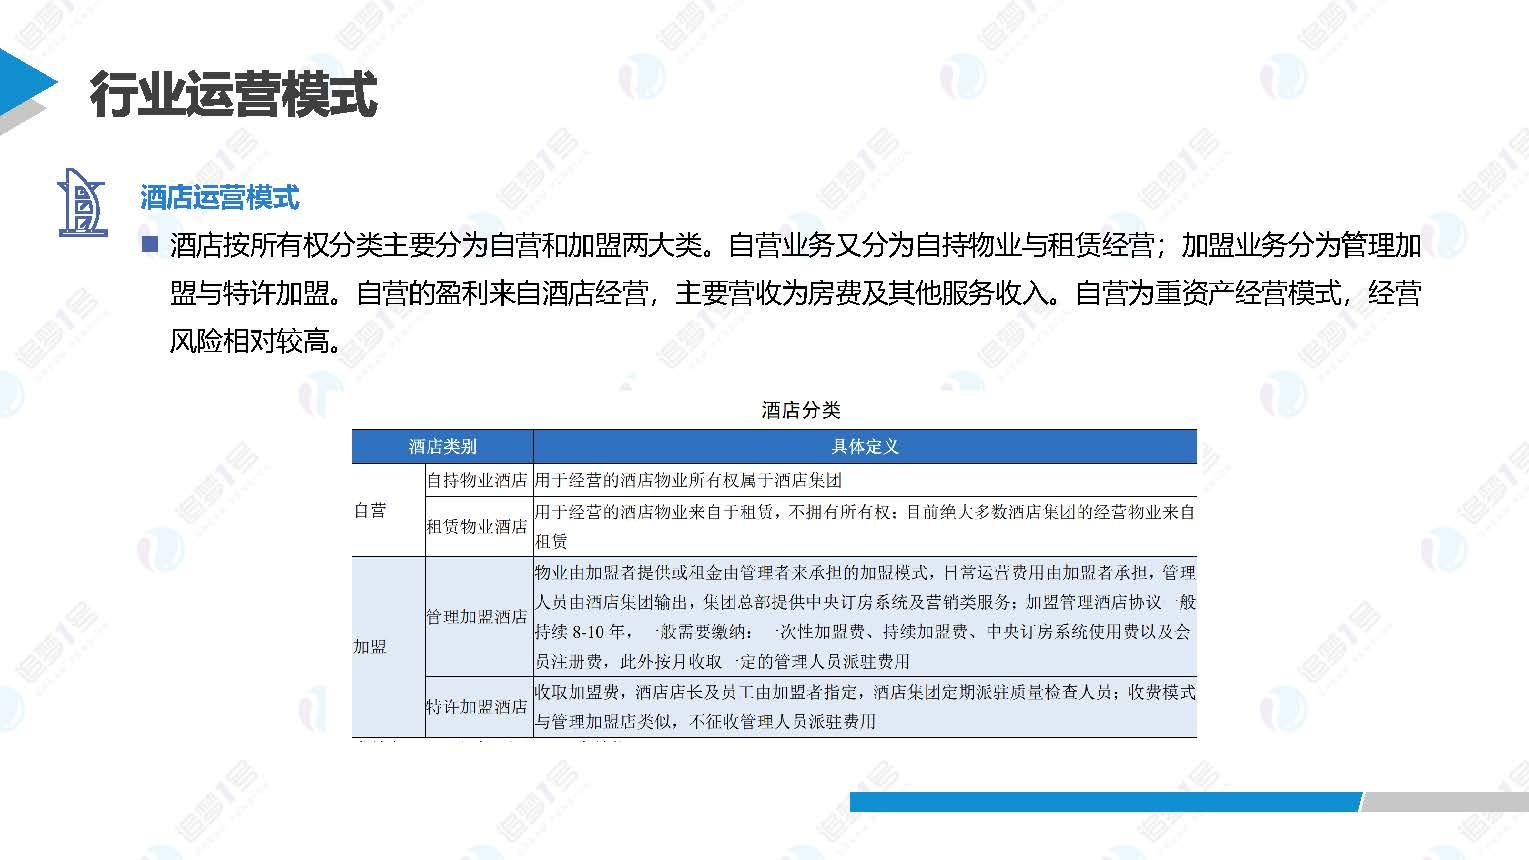 中国旅游行业研究 _页面_11.jpg